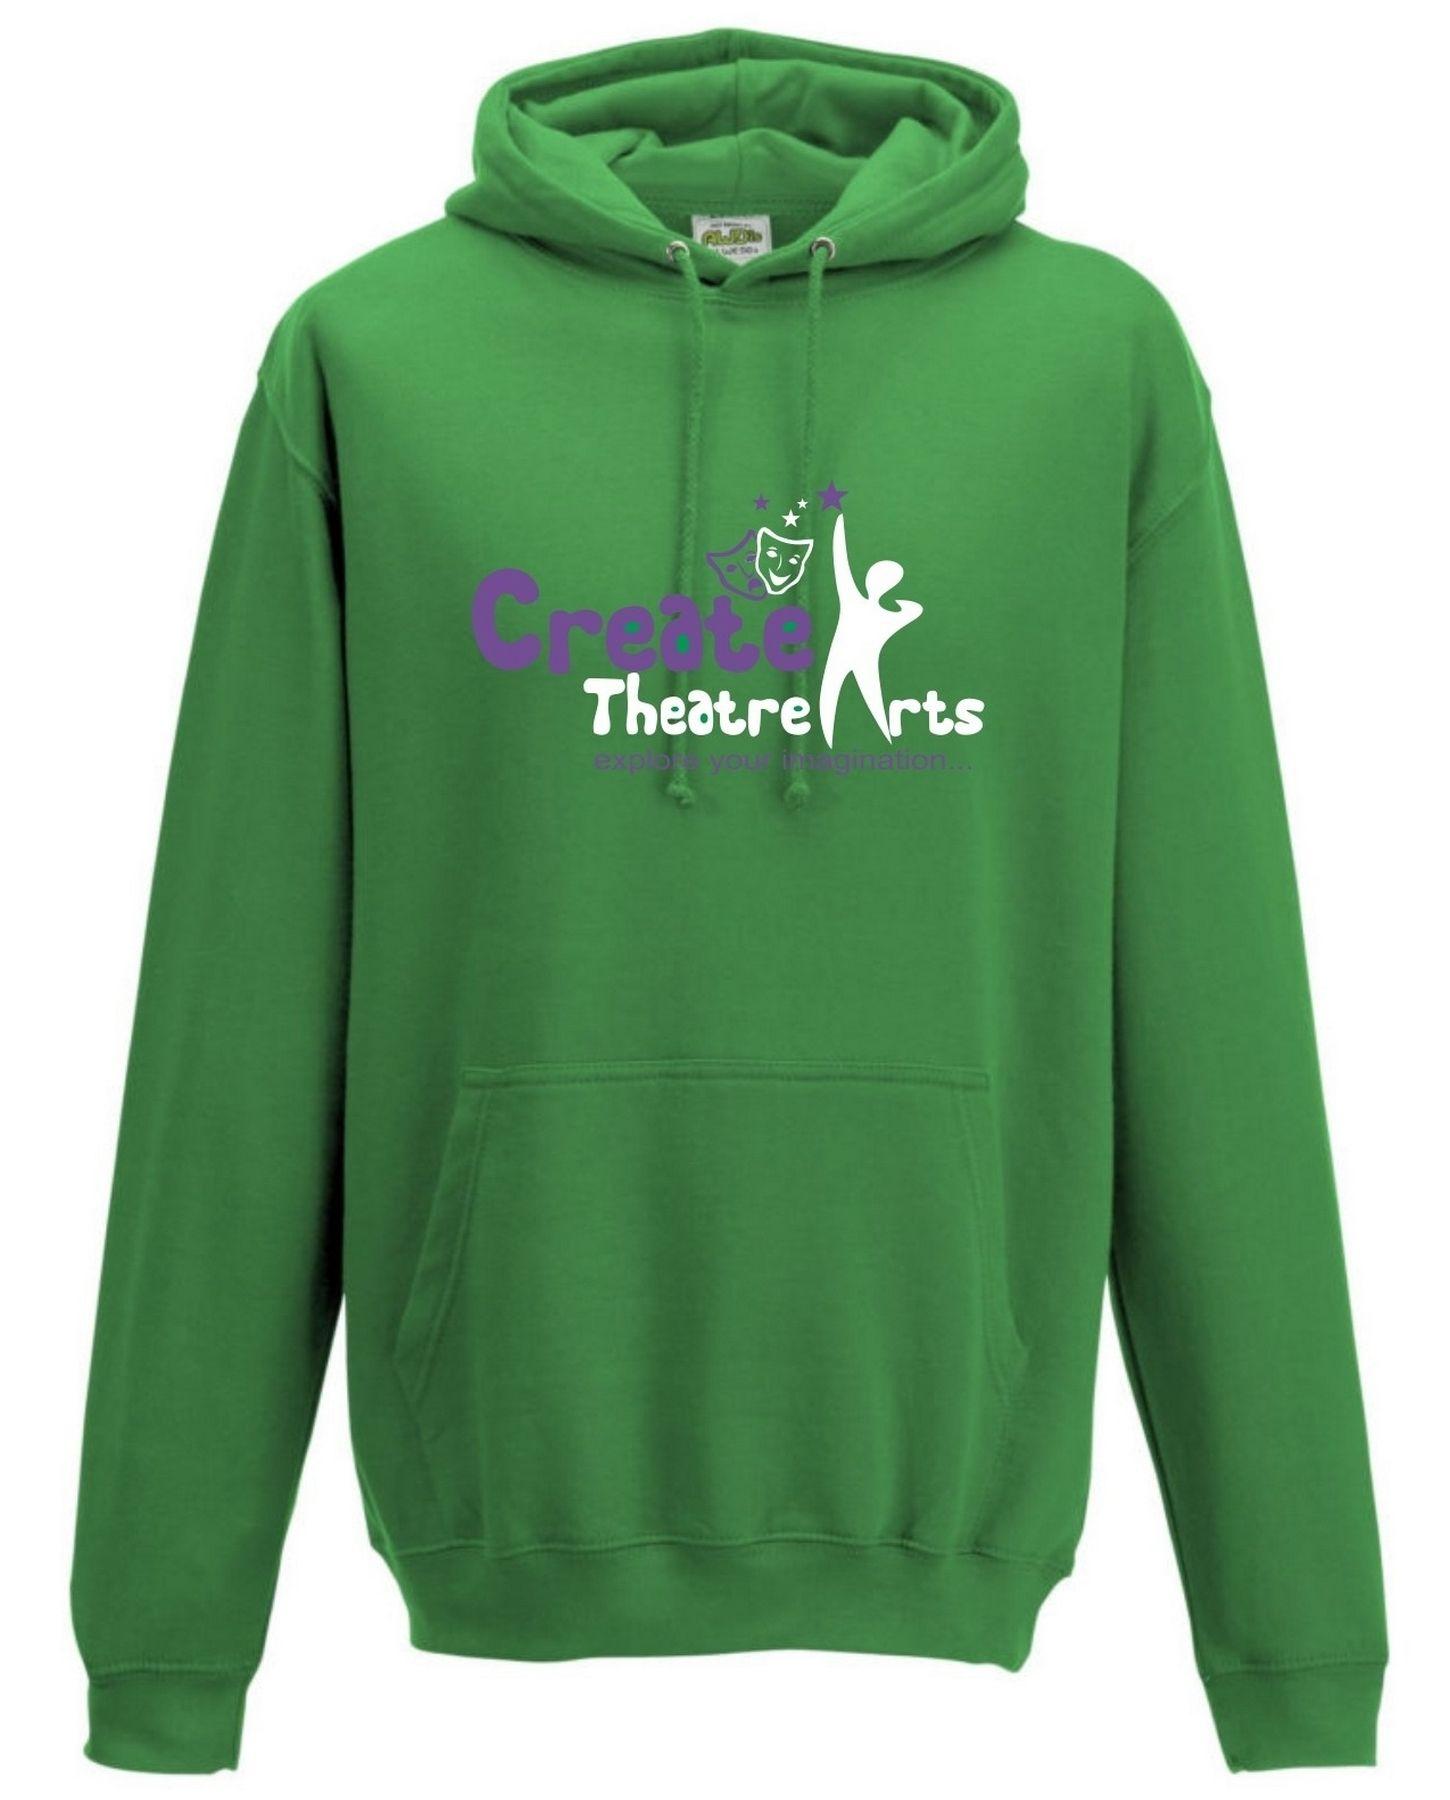 Create Theatre – Green Kids Hoodie